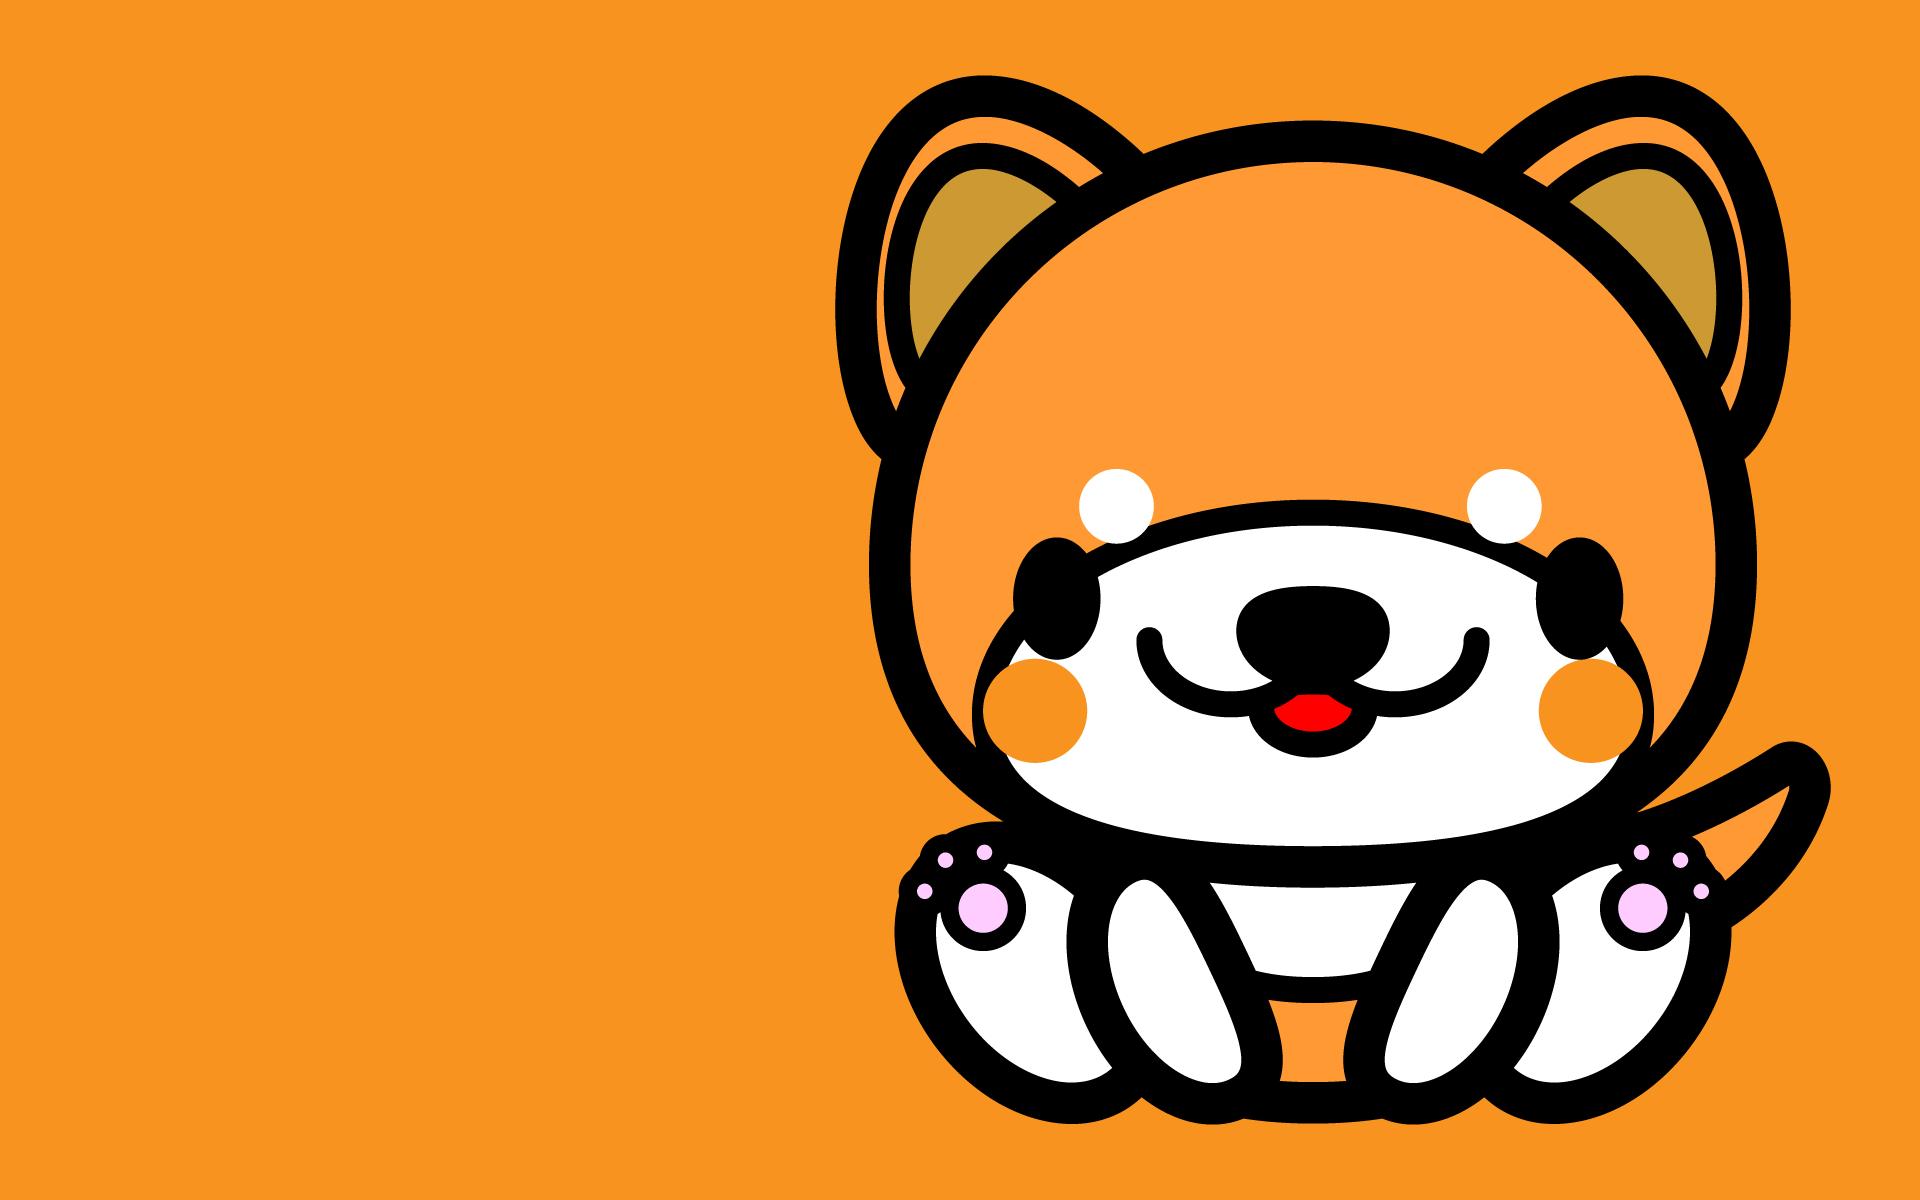 かわいい座り秋田犬壁紙(PC)の無料イラスト・商用フリー